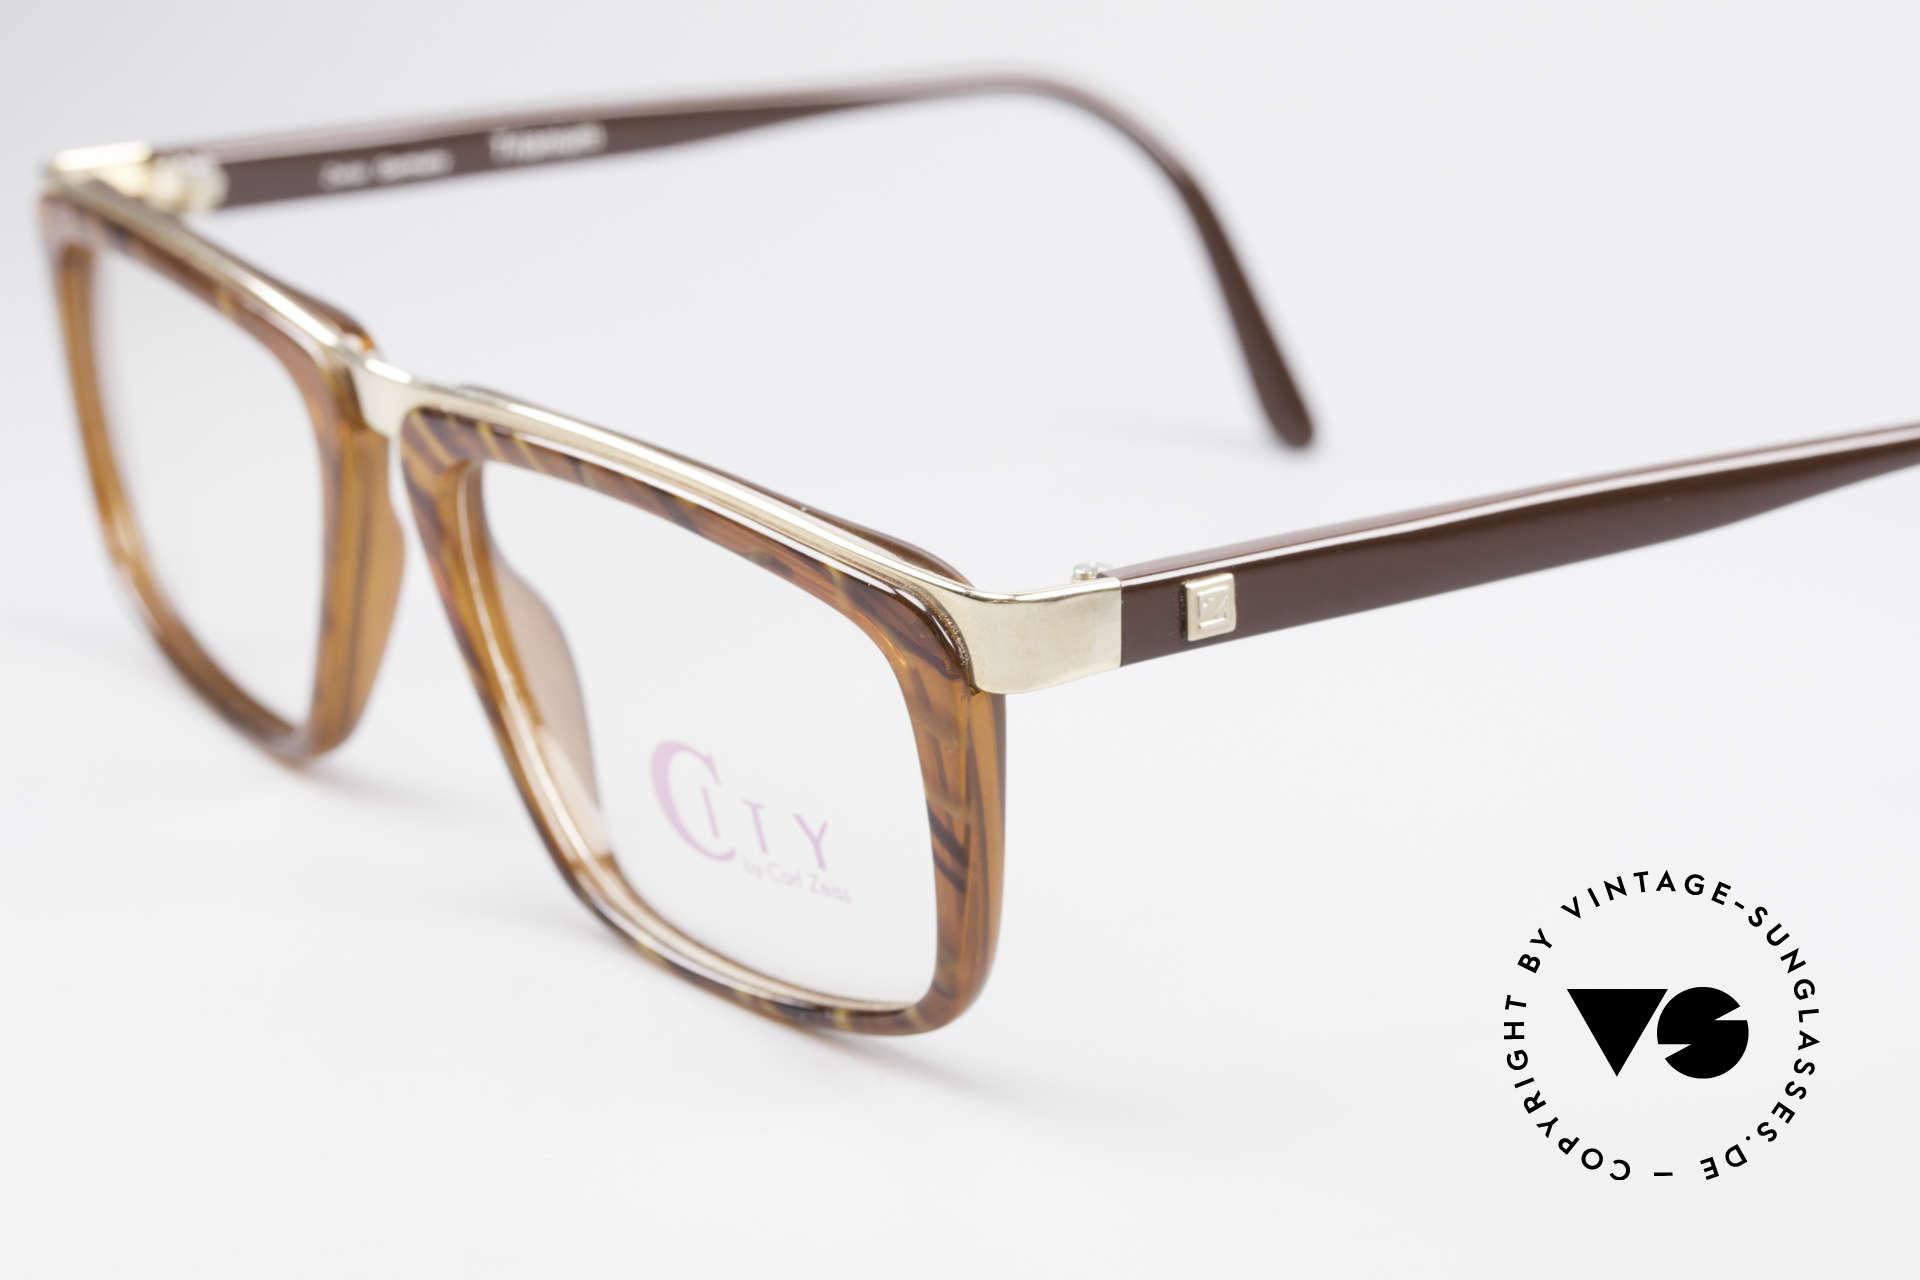 Zeiss 5967 90er Titanium Brille Herren, KEINE RETROBRILLE, sondern 100% vintage Original, Passend für Herren